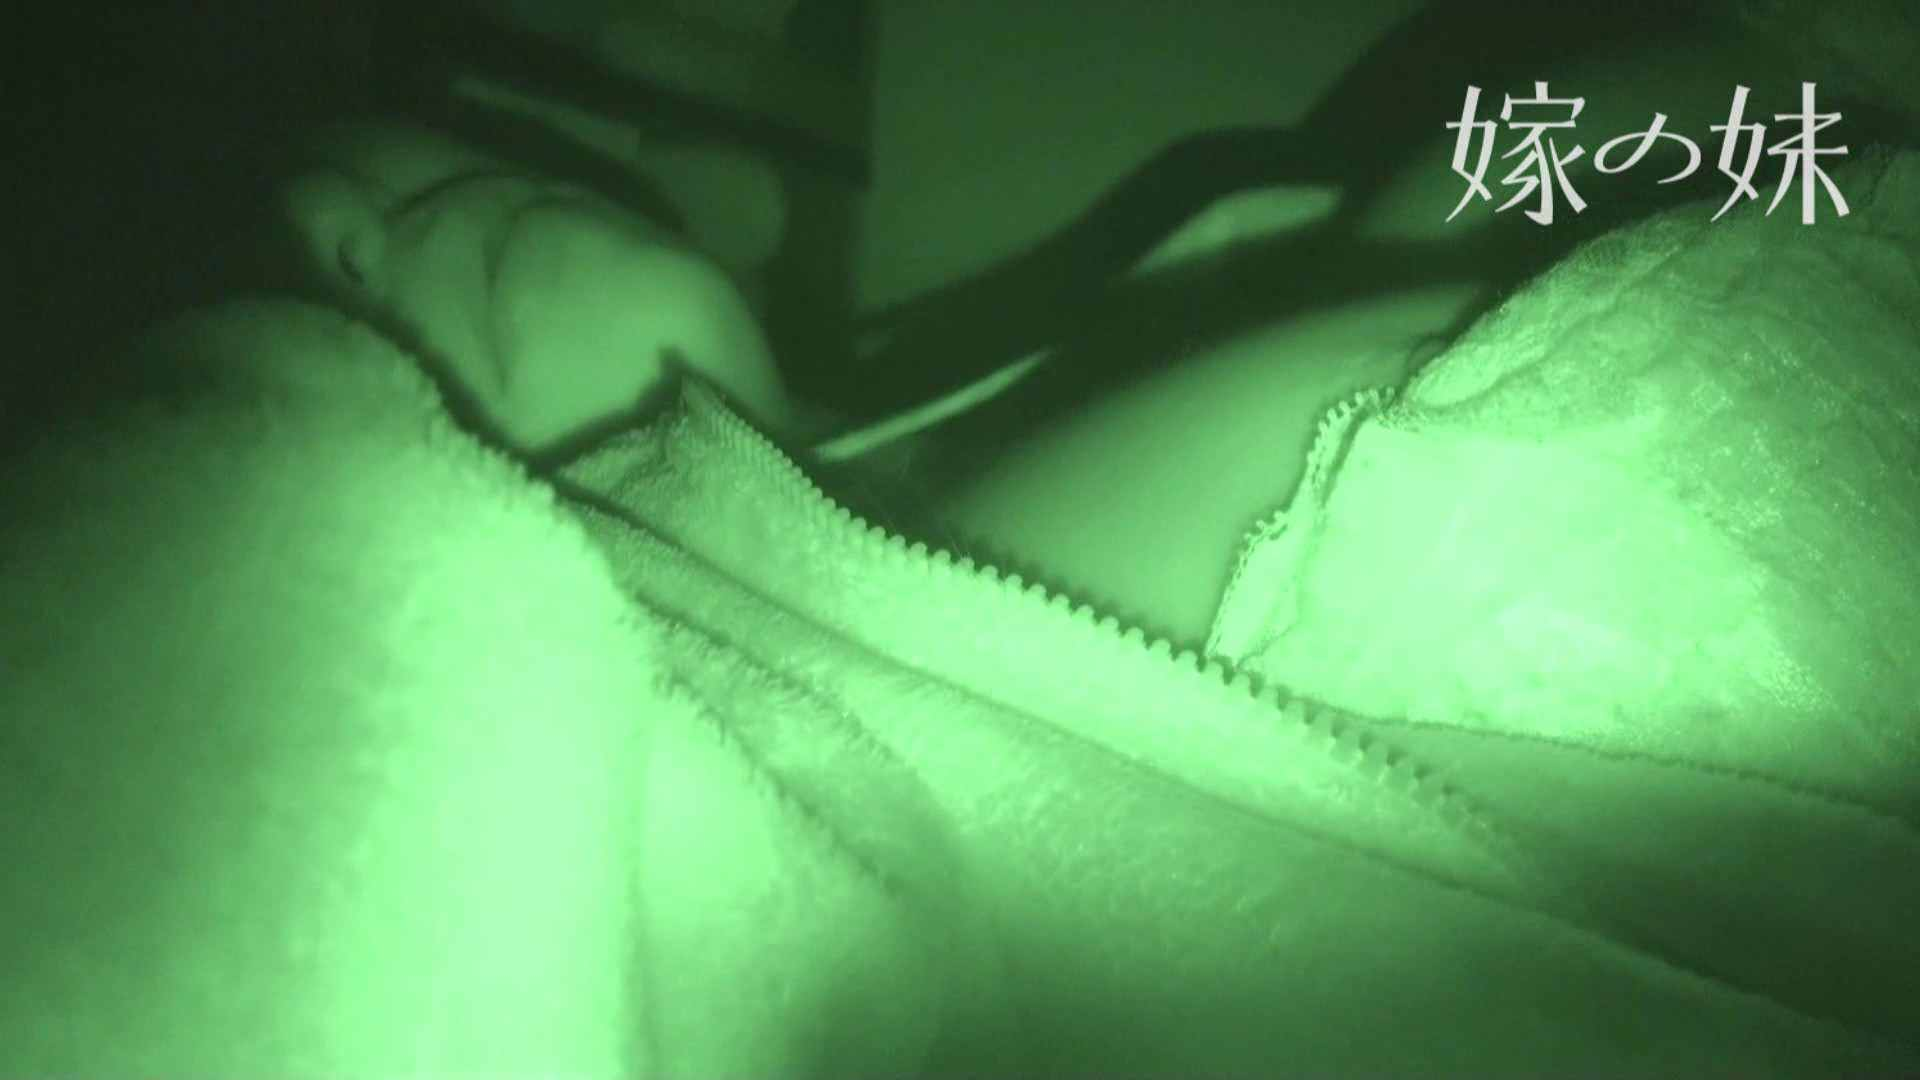 居候中の嫁の妹 vol.3 色っぽいOL達   0  67pic 31